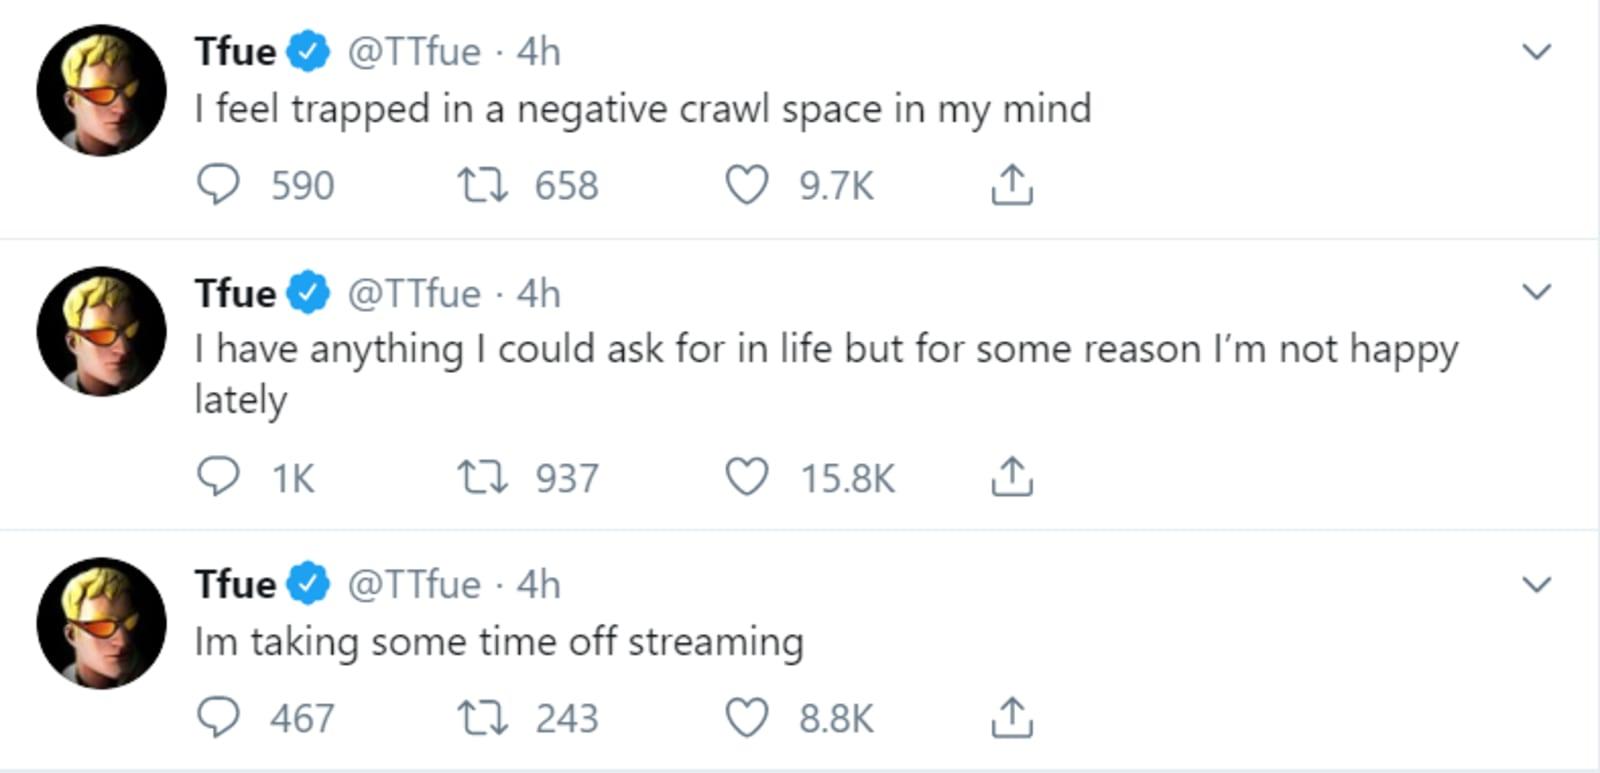 Tfue on Twitter